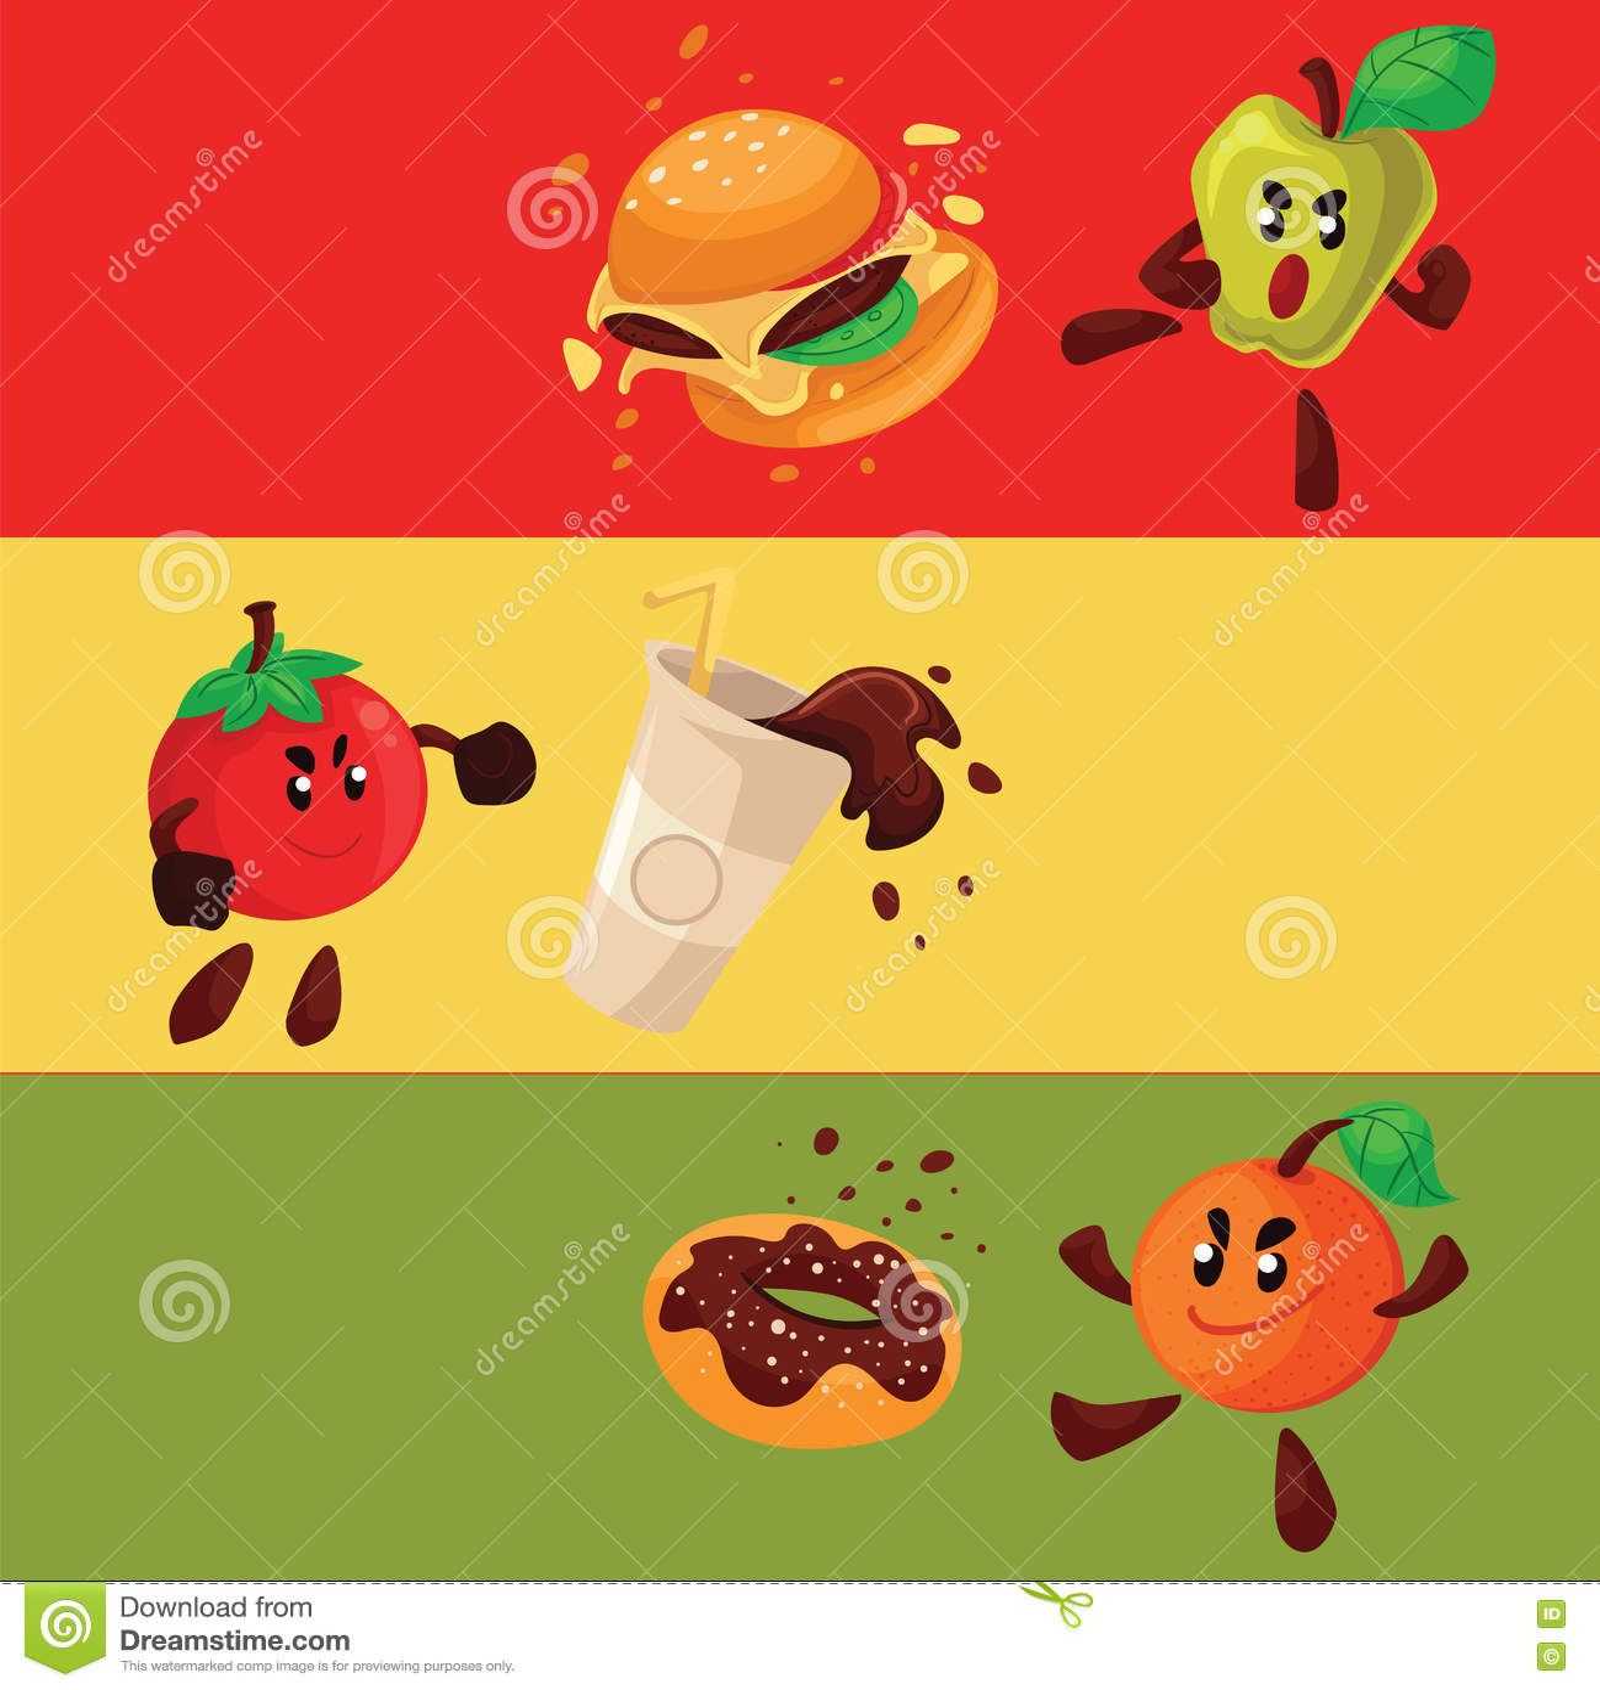 Tomato Fight Clip Art – Cliparts